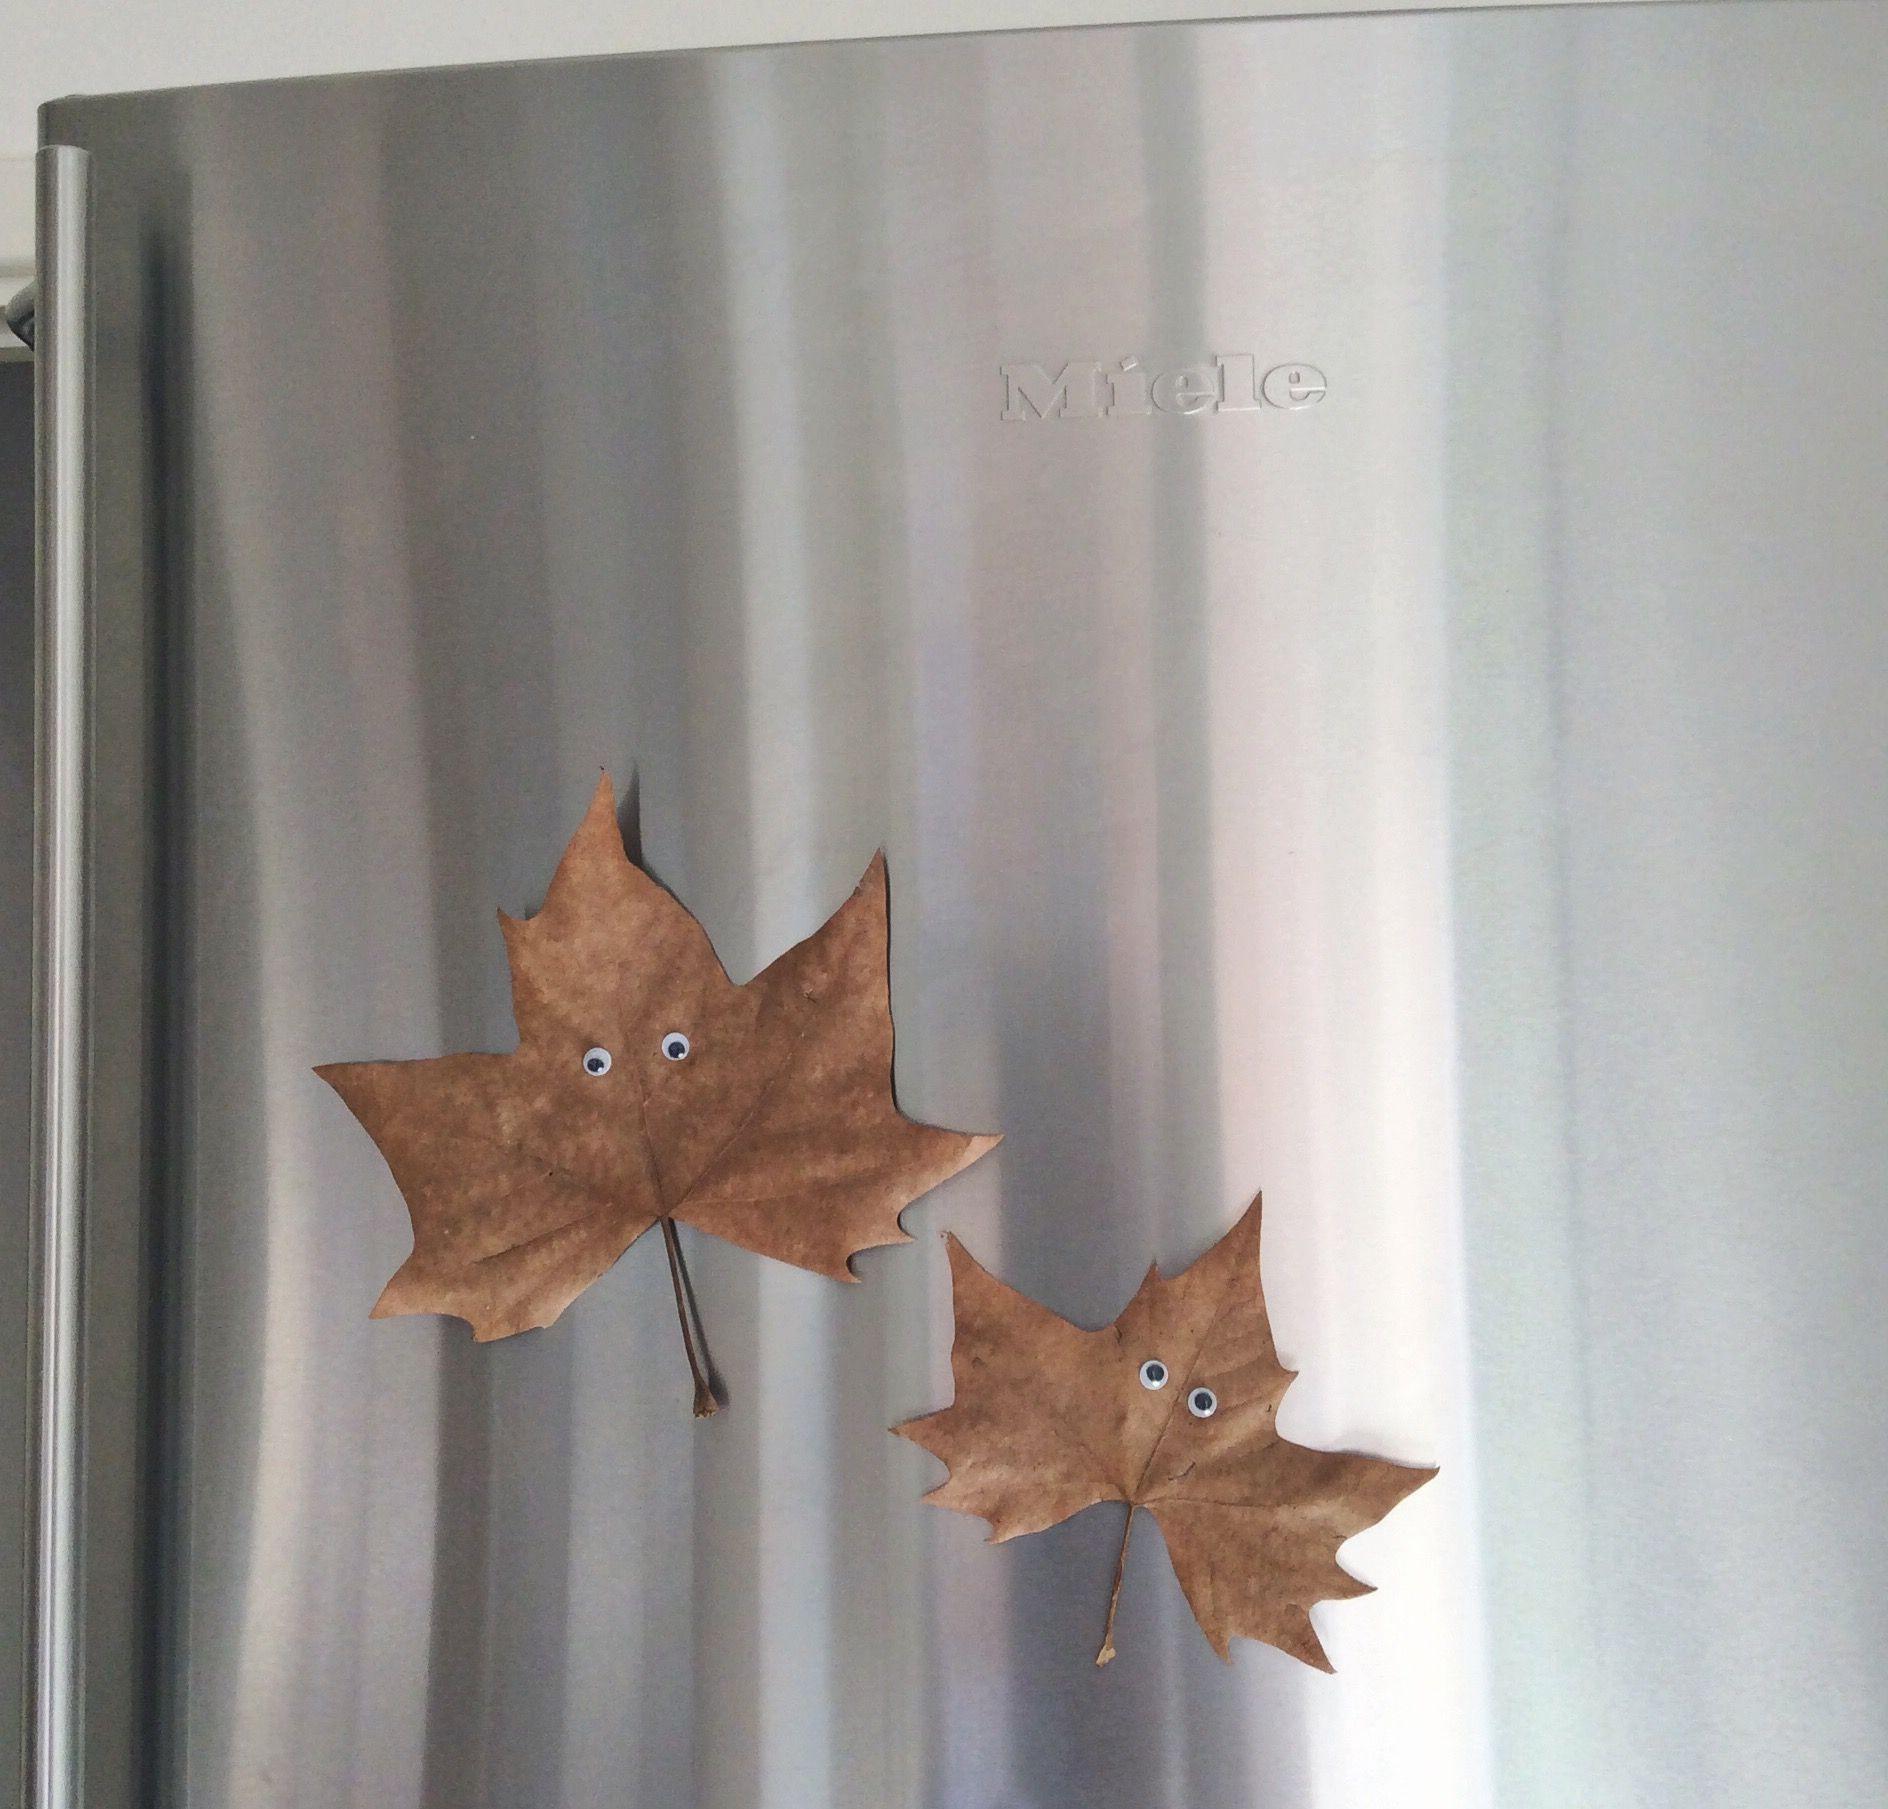 mommo design: DESIGNTIME - Fall crafts - DIY leaves magnets